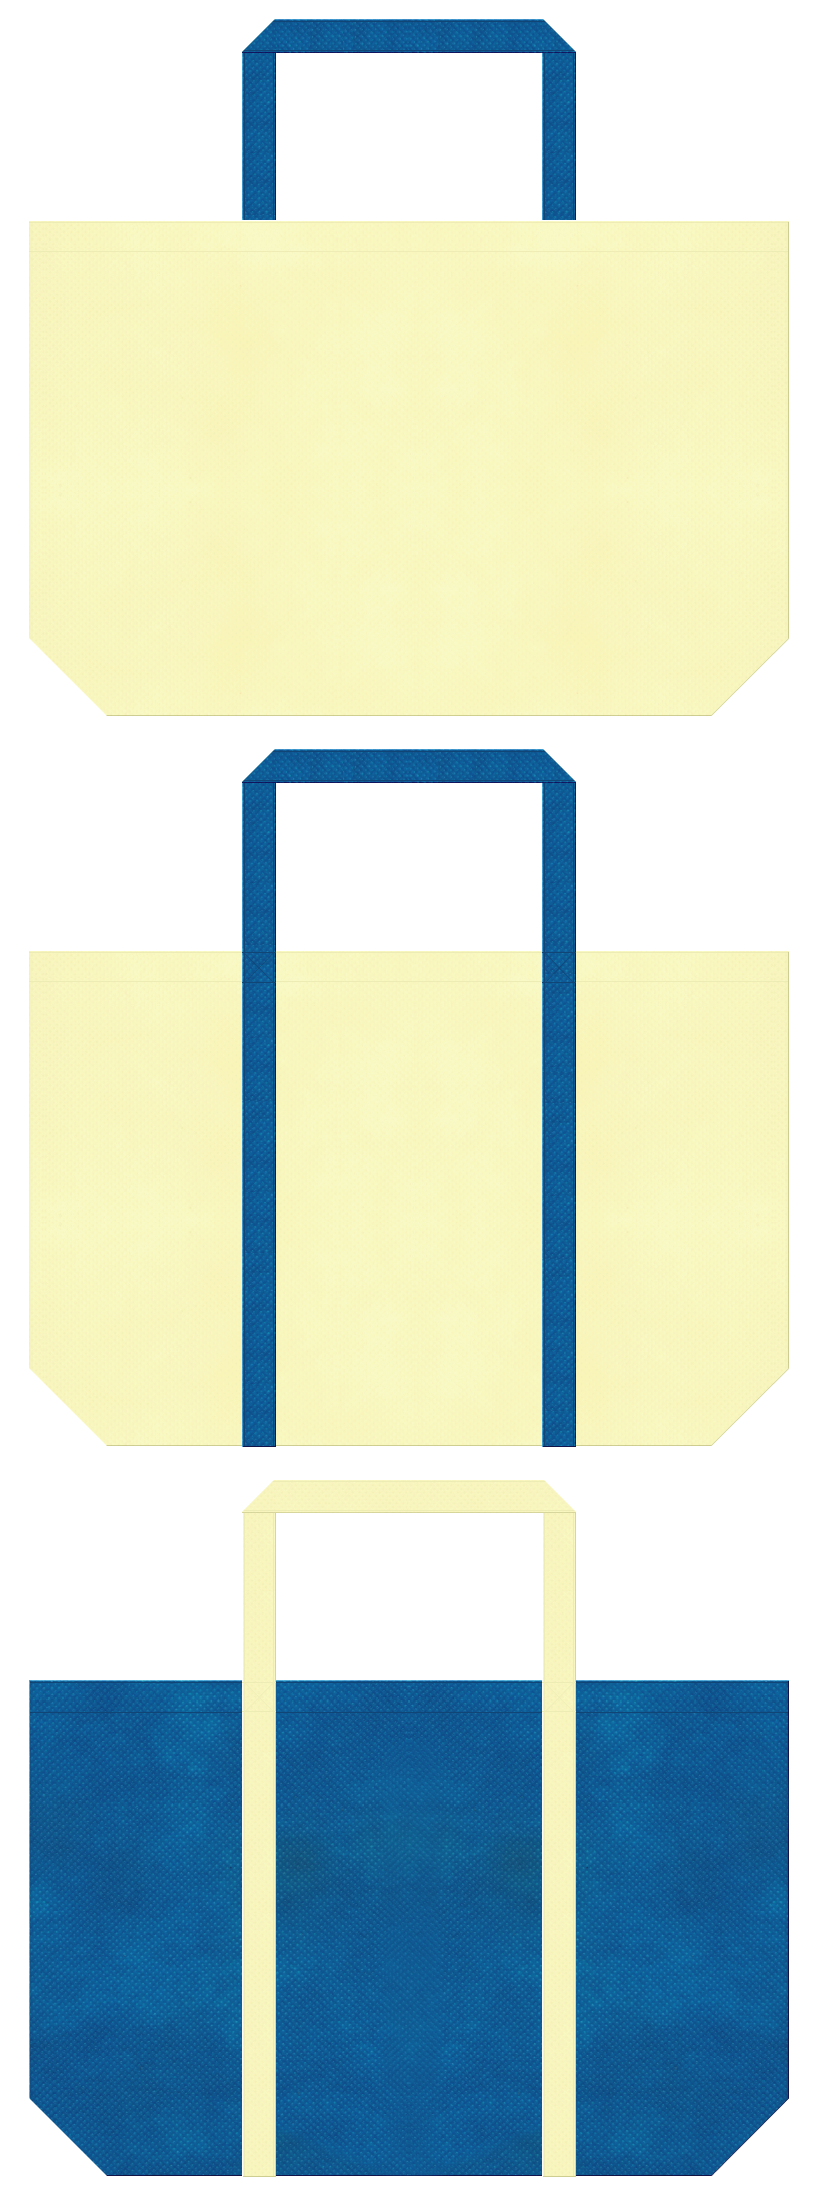 IT・IOT・LED・センサー・ライト・電子部品の展示会用バッグにお奨めの不織布バッグデザイン:薄黄色と青色のコーデ